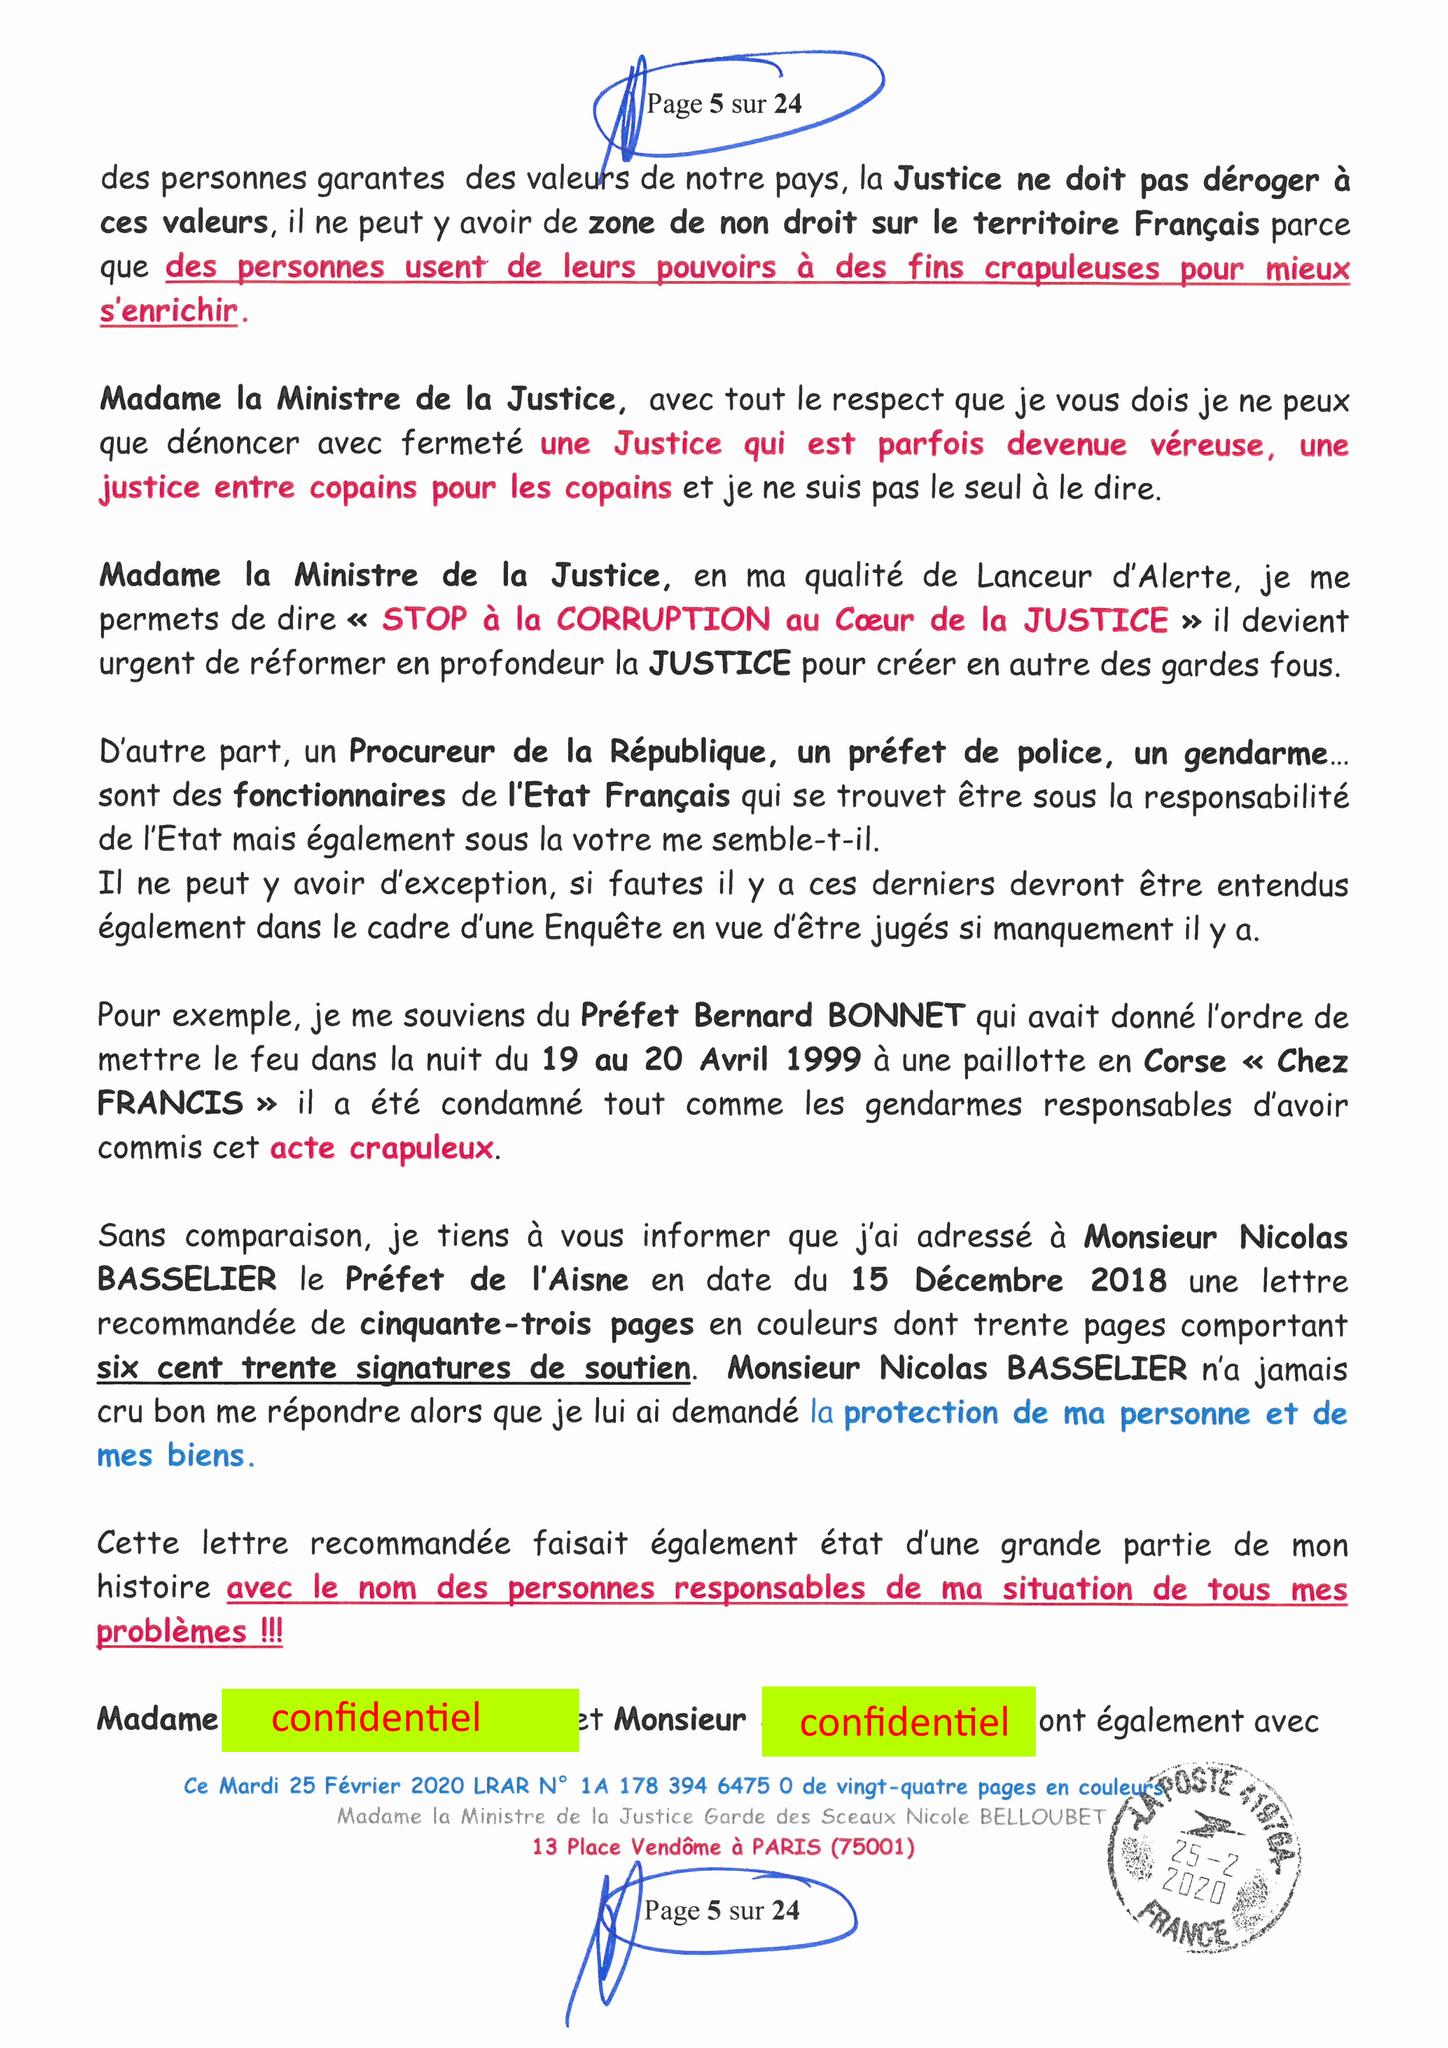 Ma LRAR à Madame Nicole BELLOUBET la Ministre de la Justice N0 1A 178 394 6475 0 Page 5 sur 24 en couleur  www.jesuispatrick.com www.jesuisvictime.fr www.alerte-rouge-france.fr